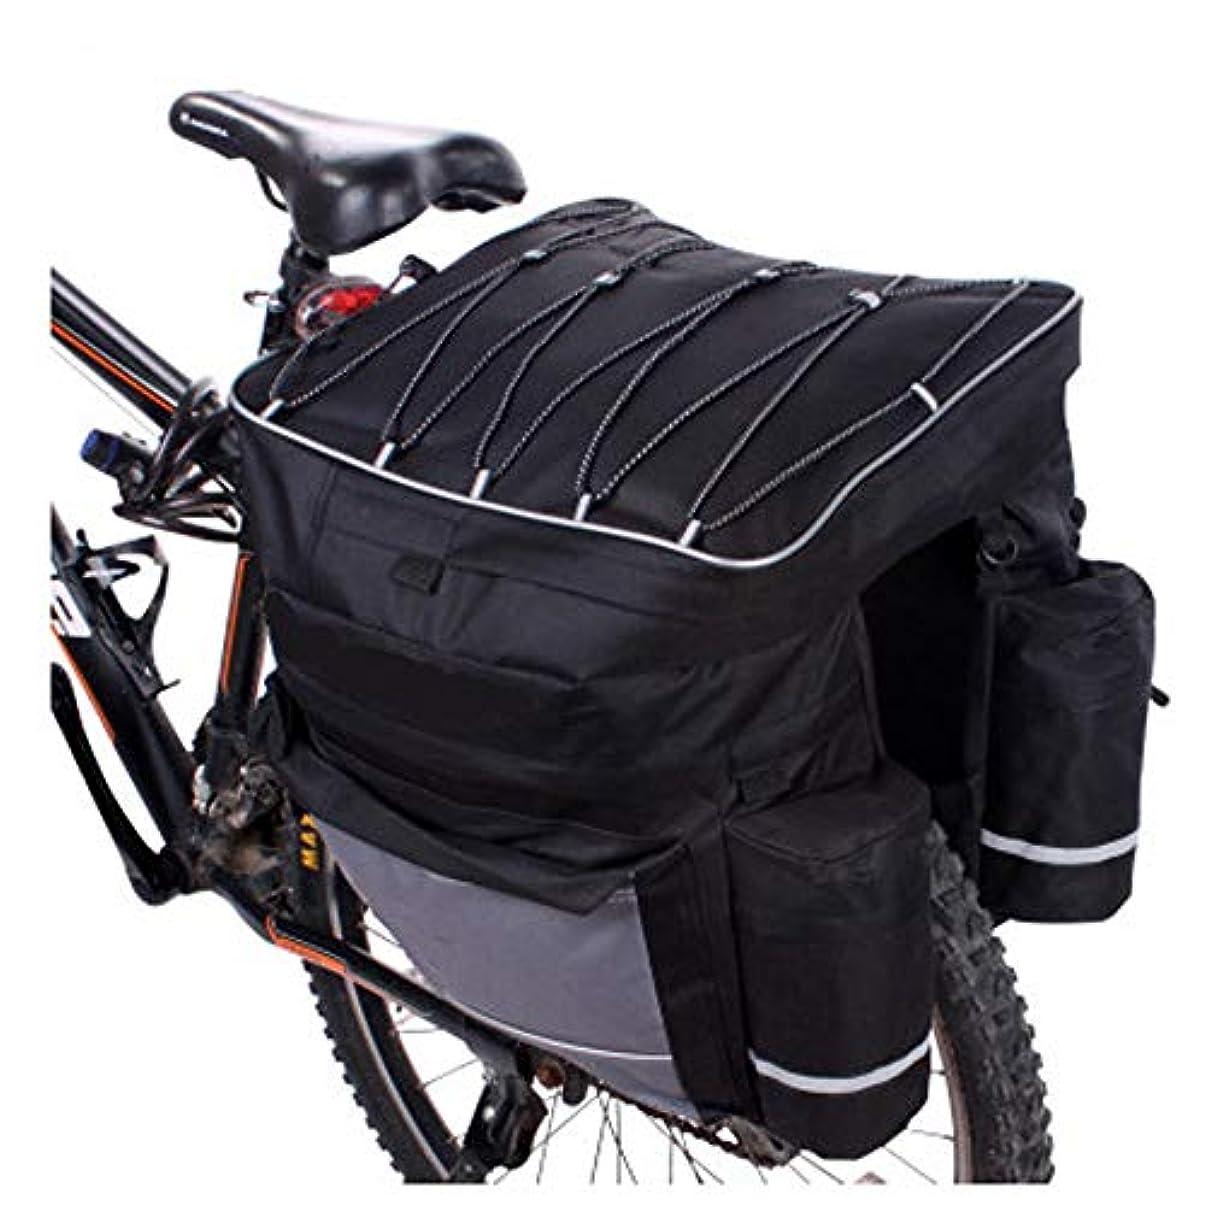 入るリル褐色LYQスポーツ自転車パニエ自転車パニエトランクバッグ、大容量自転車後部座席パニエ防雨カバー自転車サドルバッグ付きサイクリングトリップのフィット 自転車サドルバッグ大容量